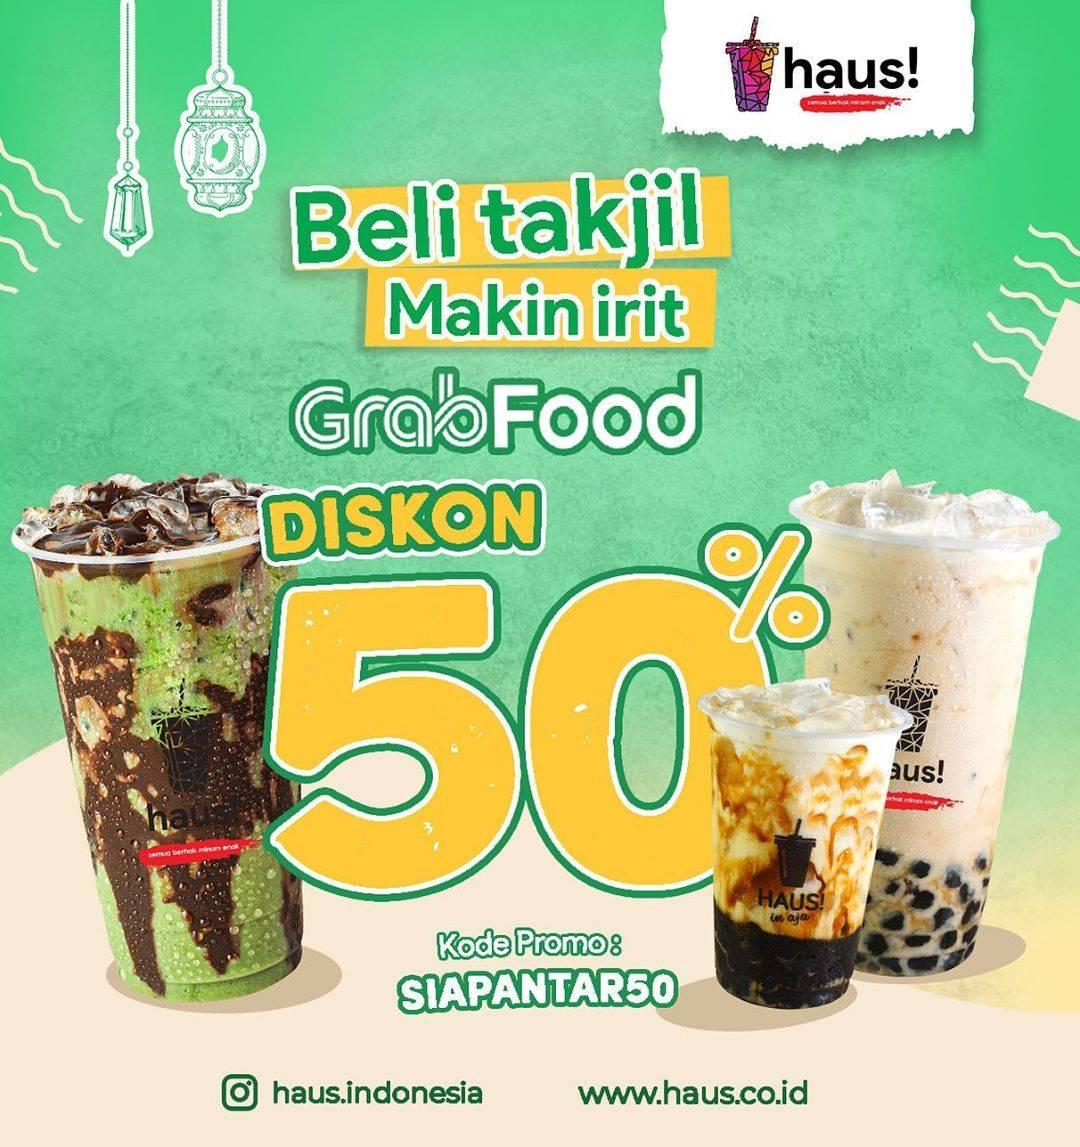 Diskon Haus! Indonesia Promo Beli Takjil Makin Irit Dengan Diskon 50% Untuk Pemesanan Melalui GrabFood